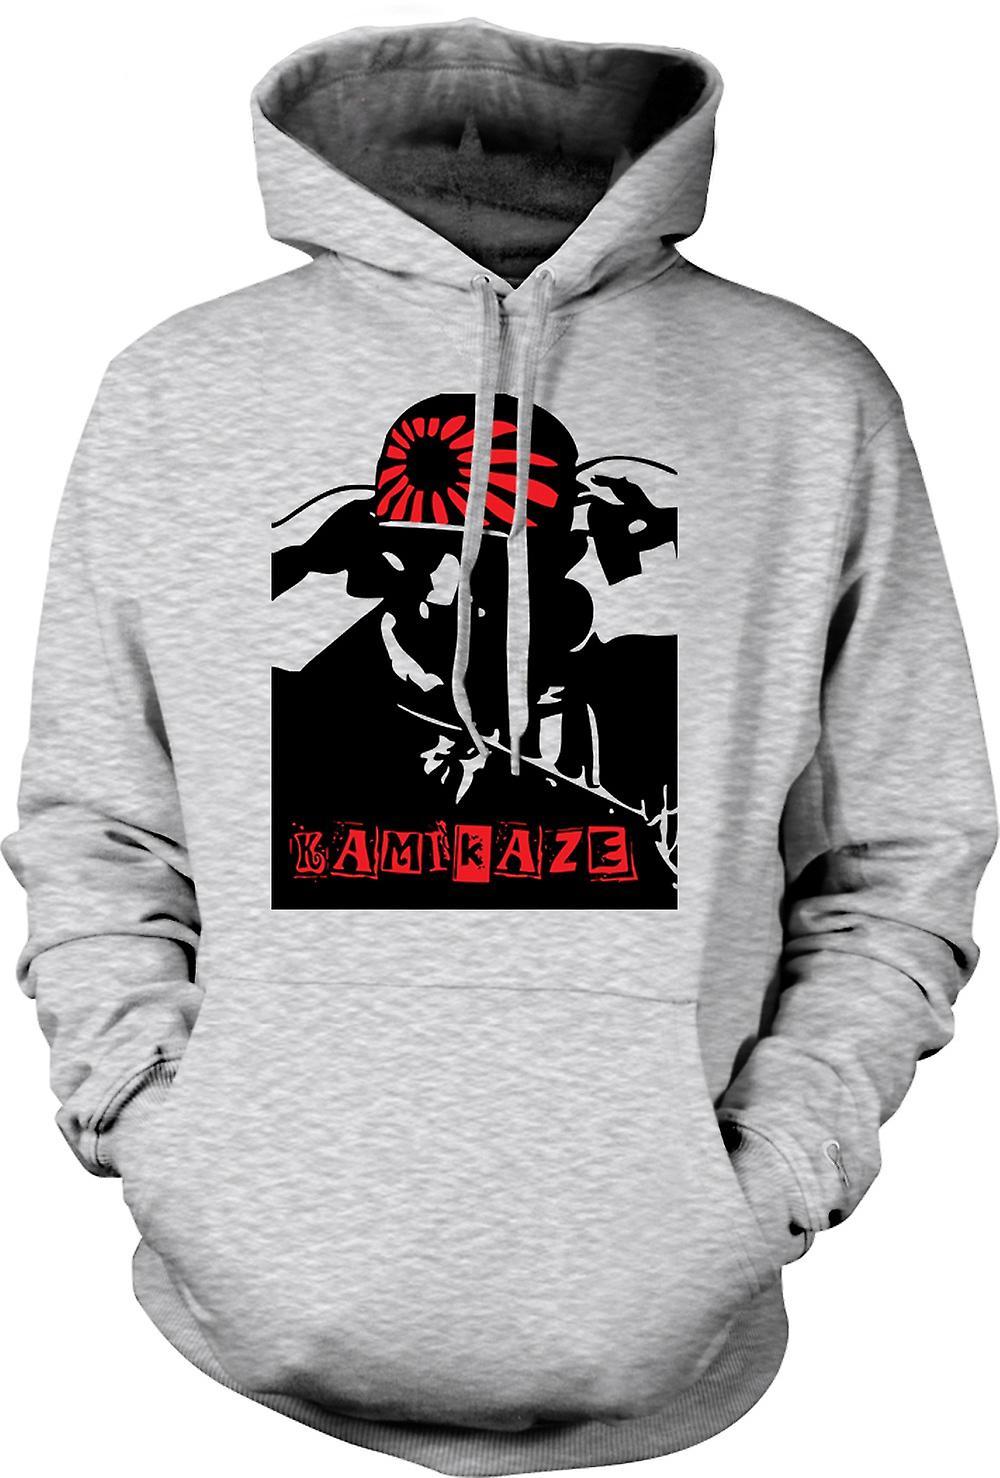 Mens Hoodie - Kamikaze japonais - Guerre WW2